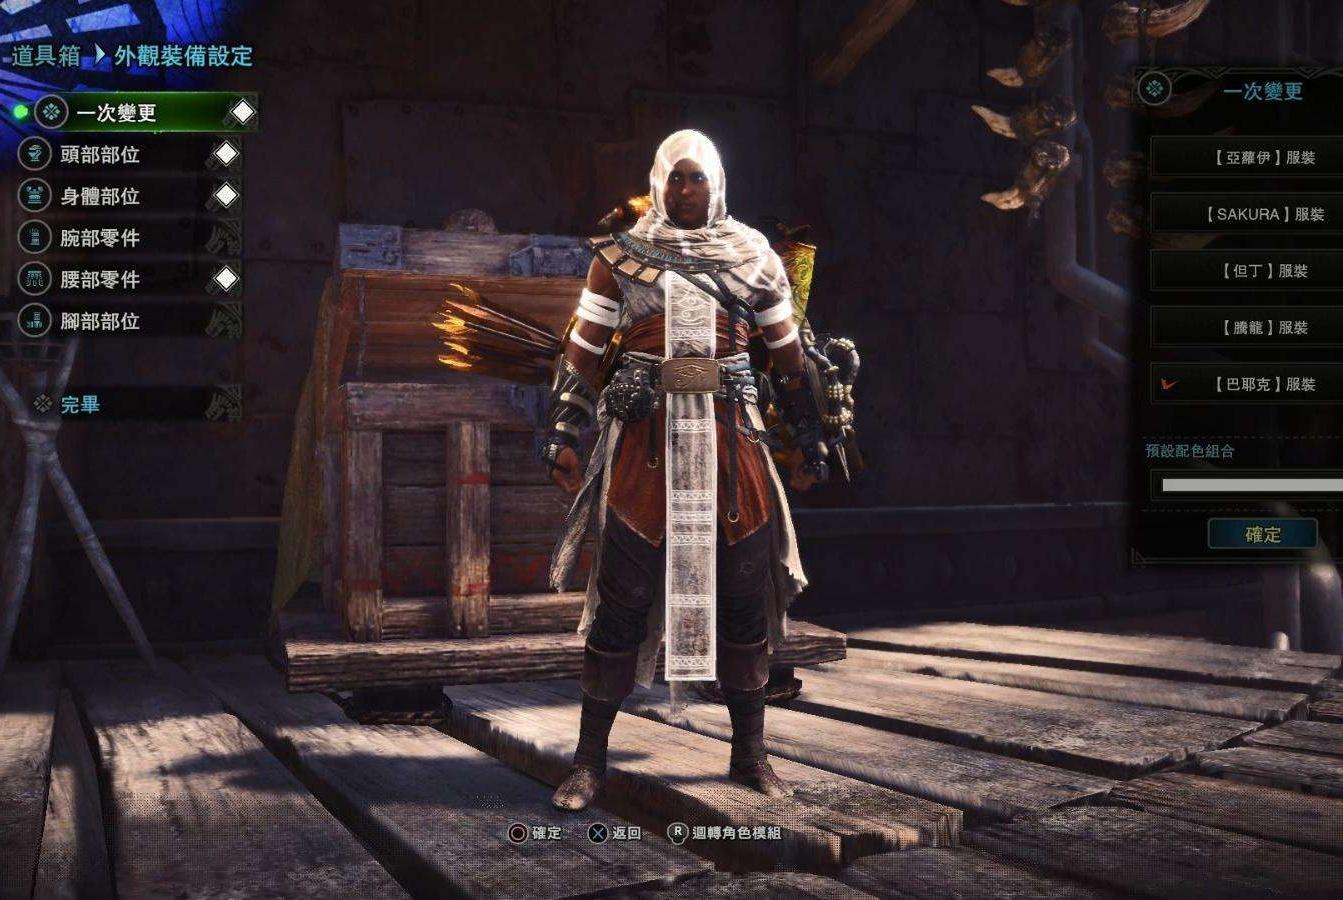 《怪物猎人世界》PC版联动《刺客信条:起源》巴耶克即将加入狩猎